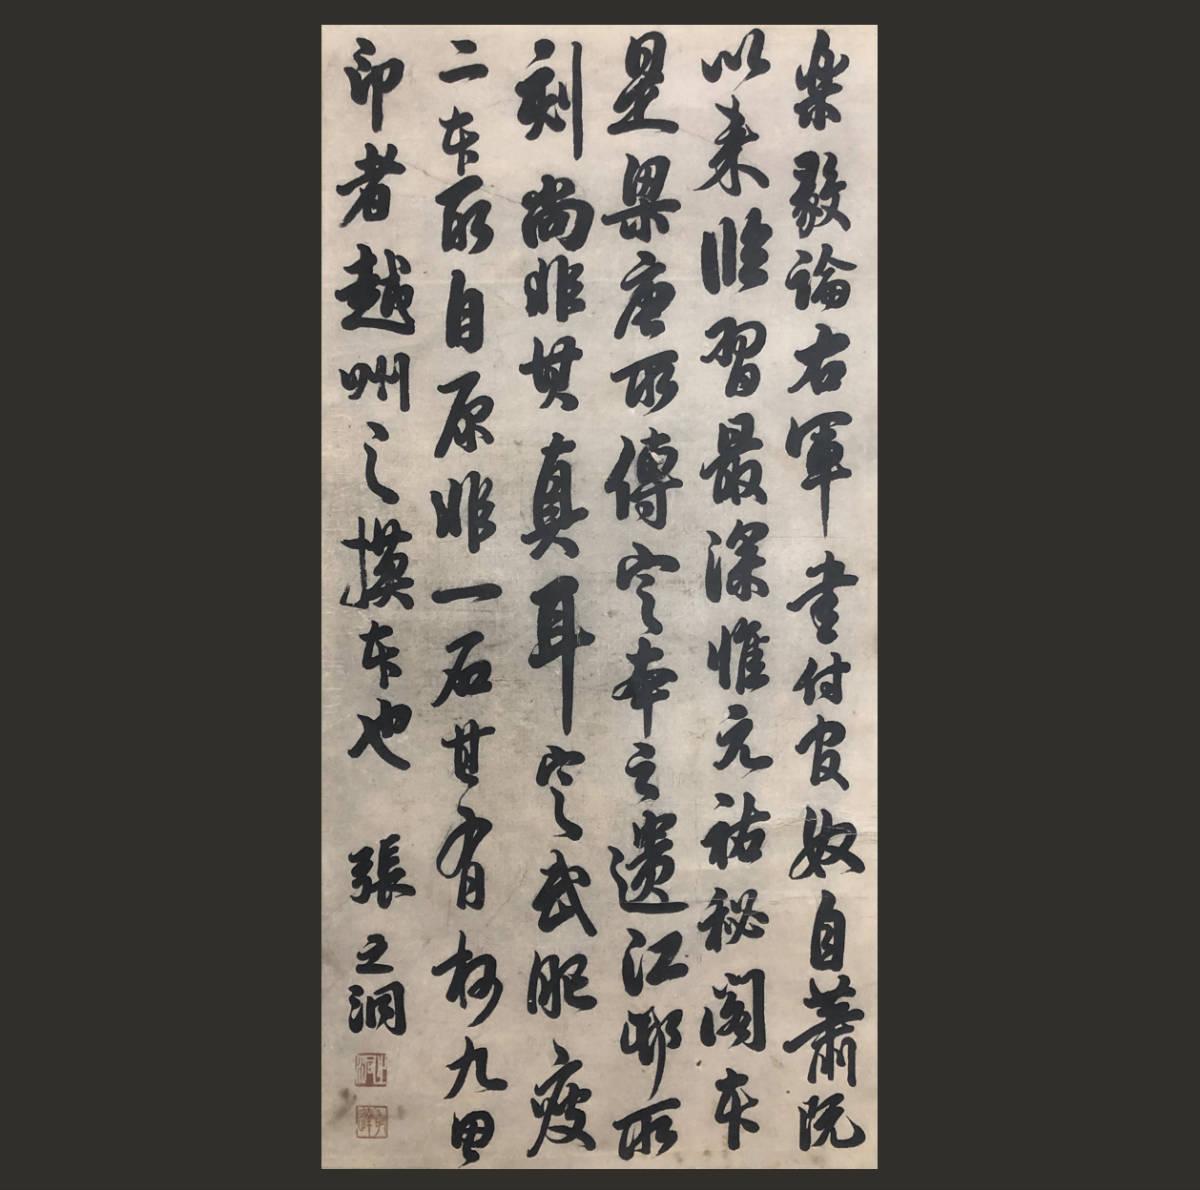 【掛軸】張之洞 書法 中国古美術 紙本 美品 肉筆時代保証 Antique Chinese Hanging scrol